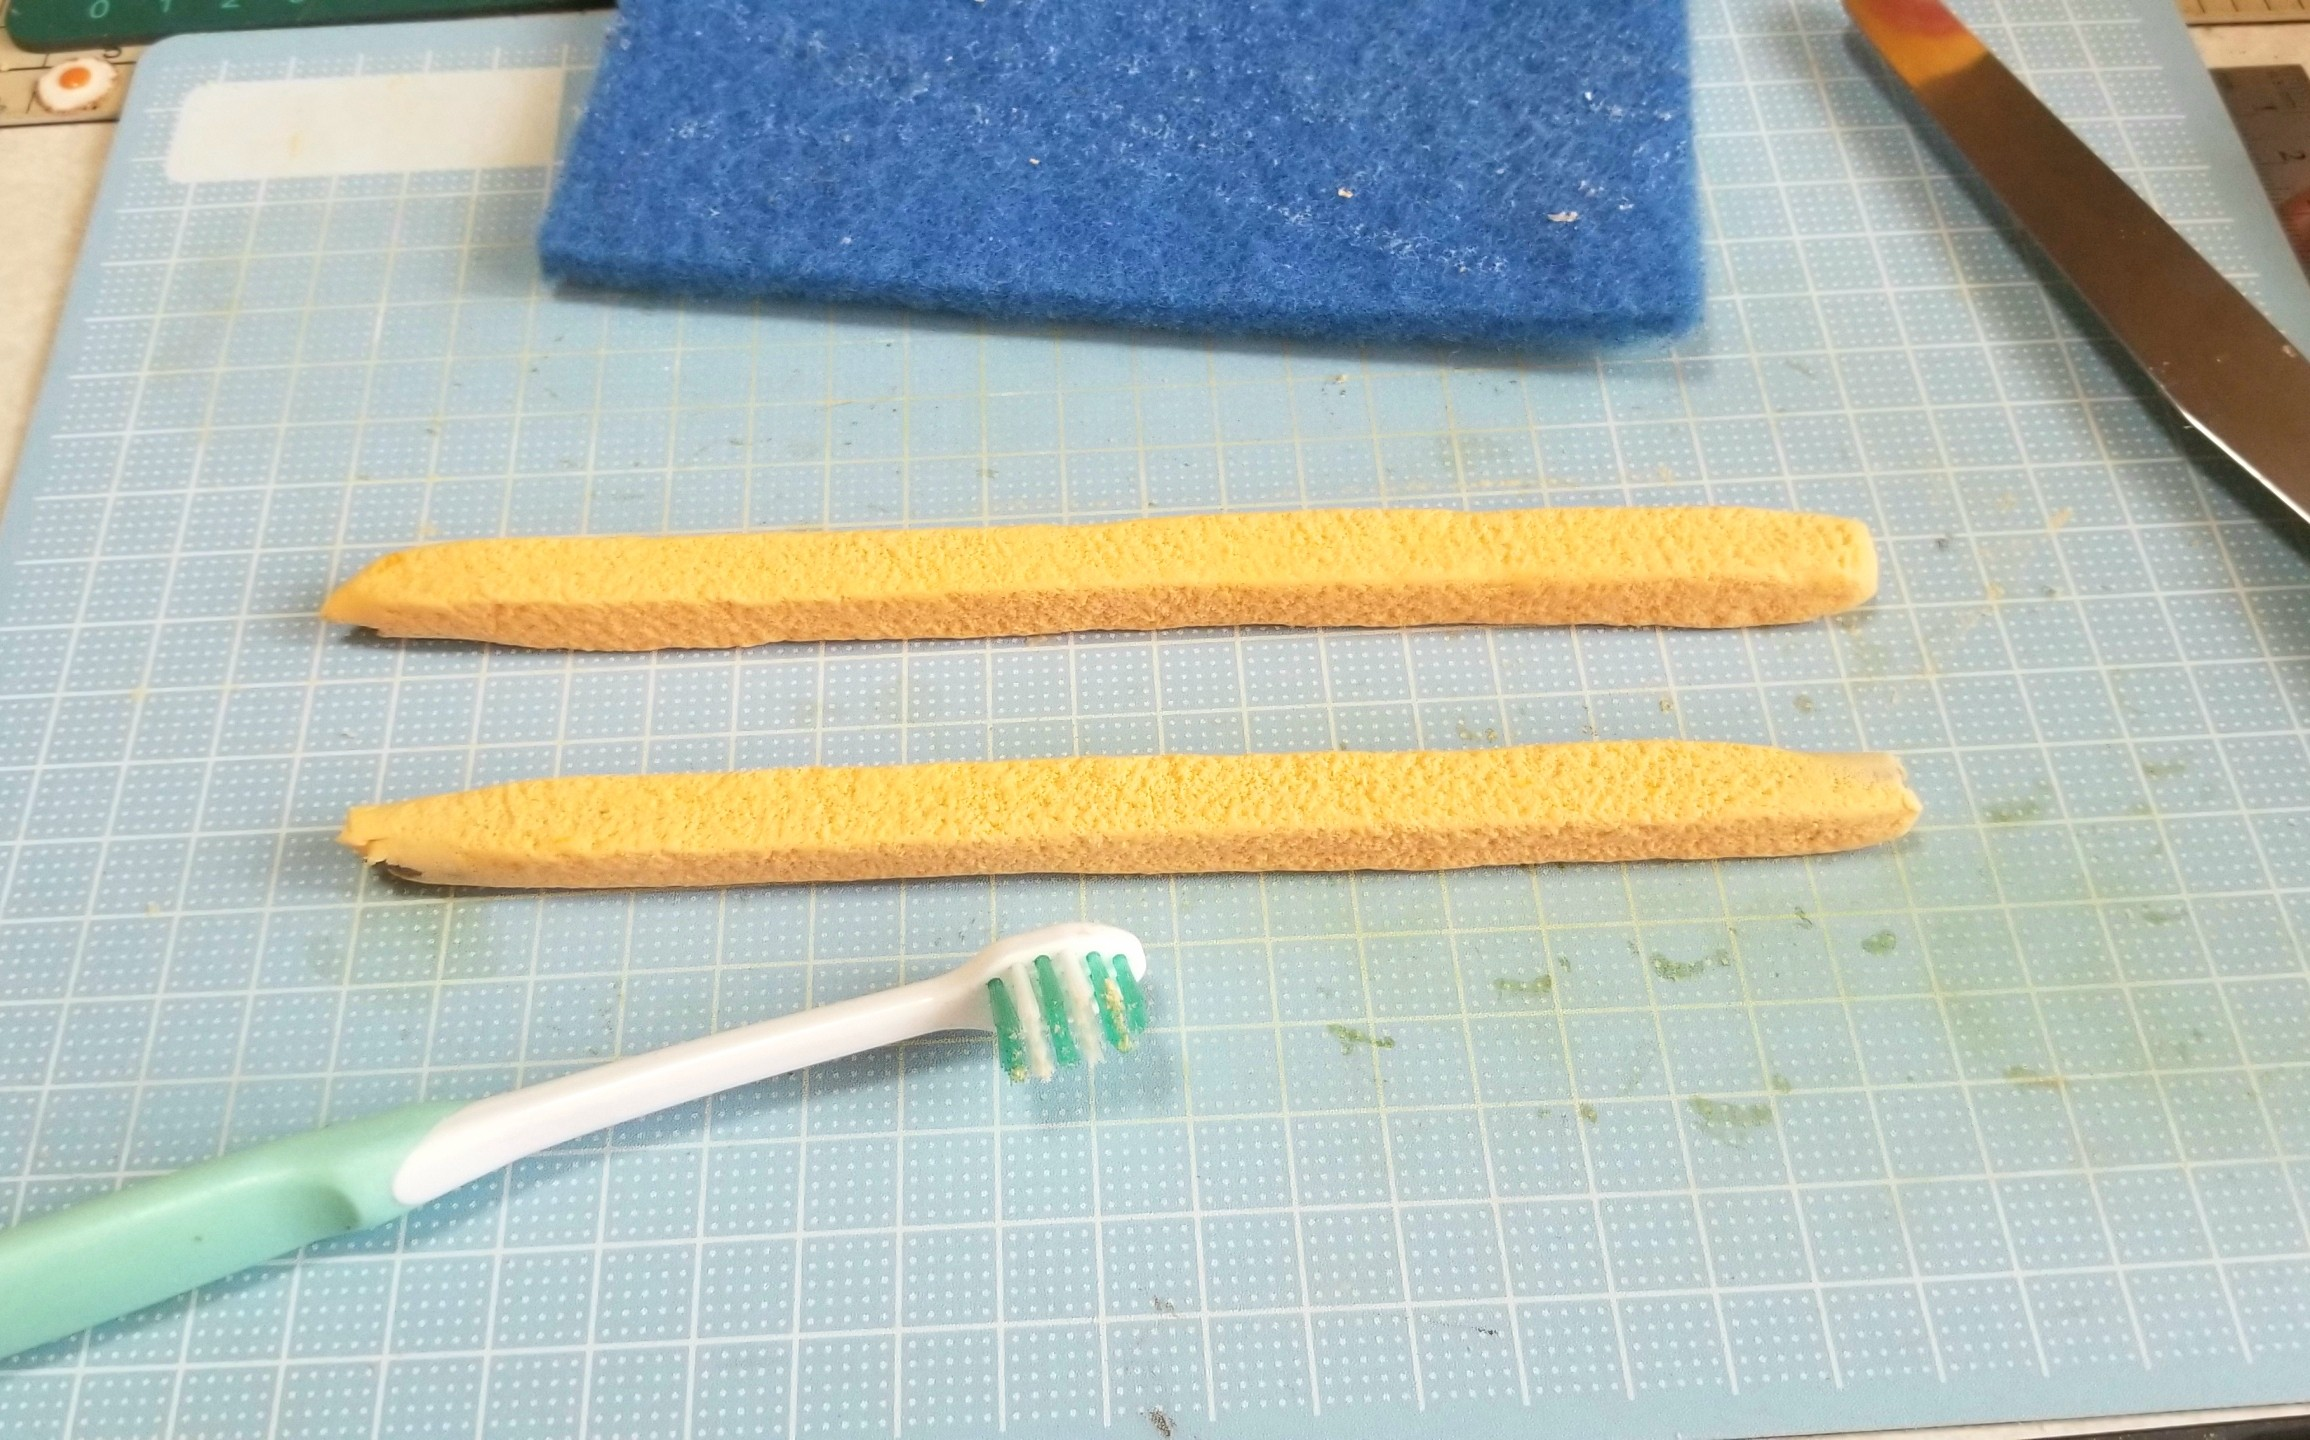 ミニチュアフード,柿菓子の作り方,和菓子,樹脂,紙粘土,ハンドメイド